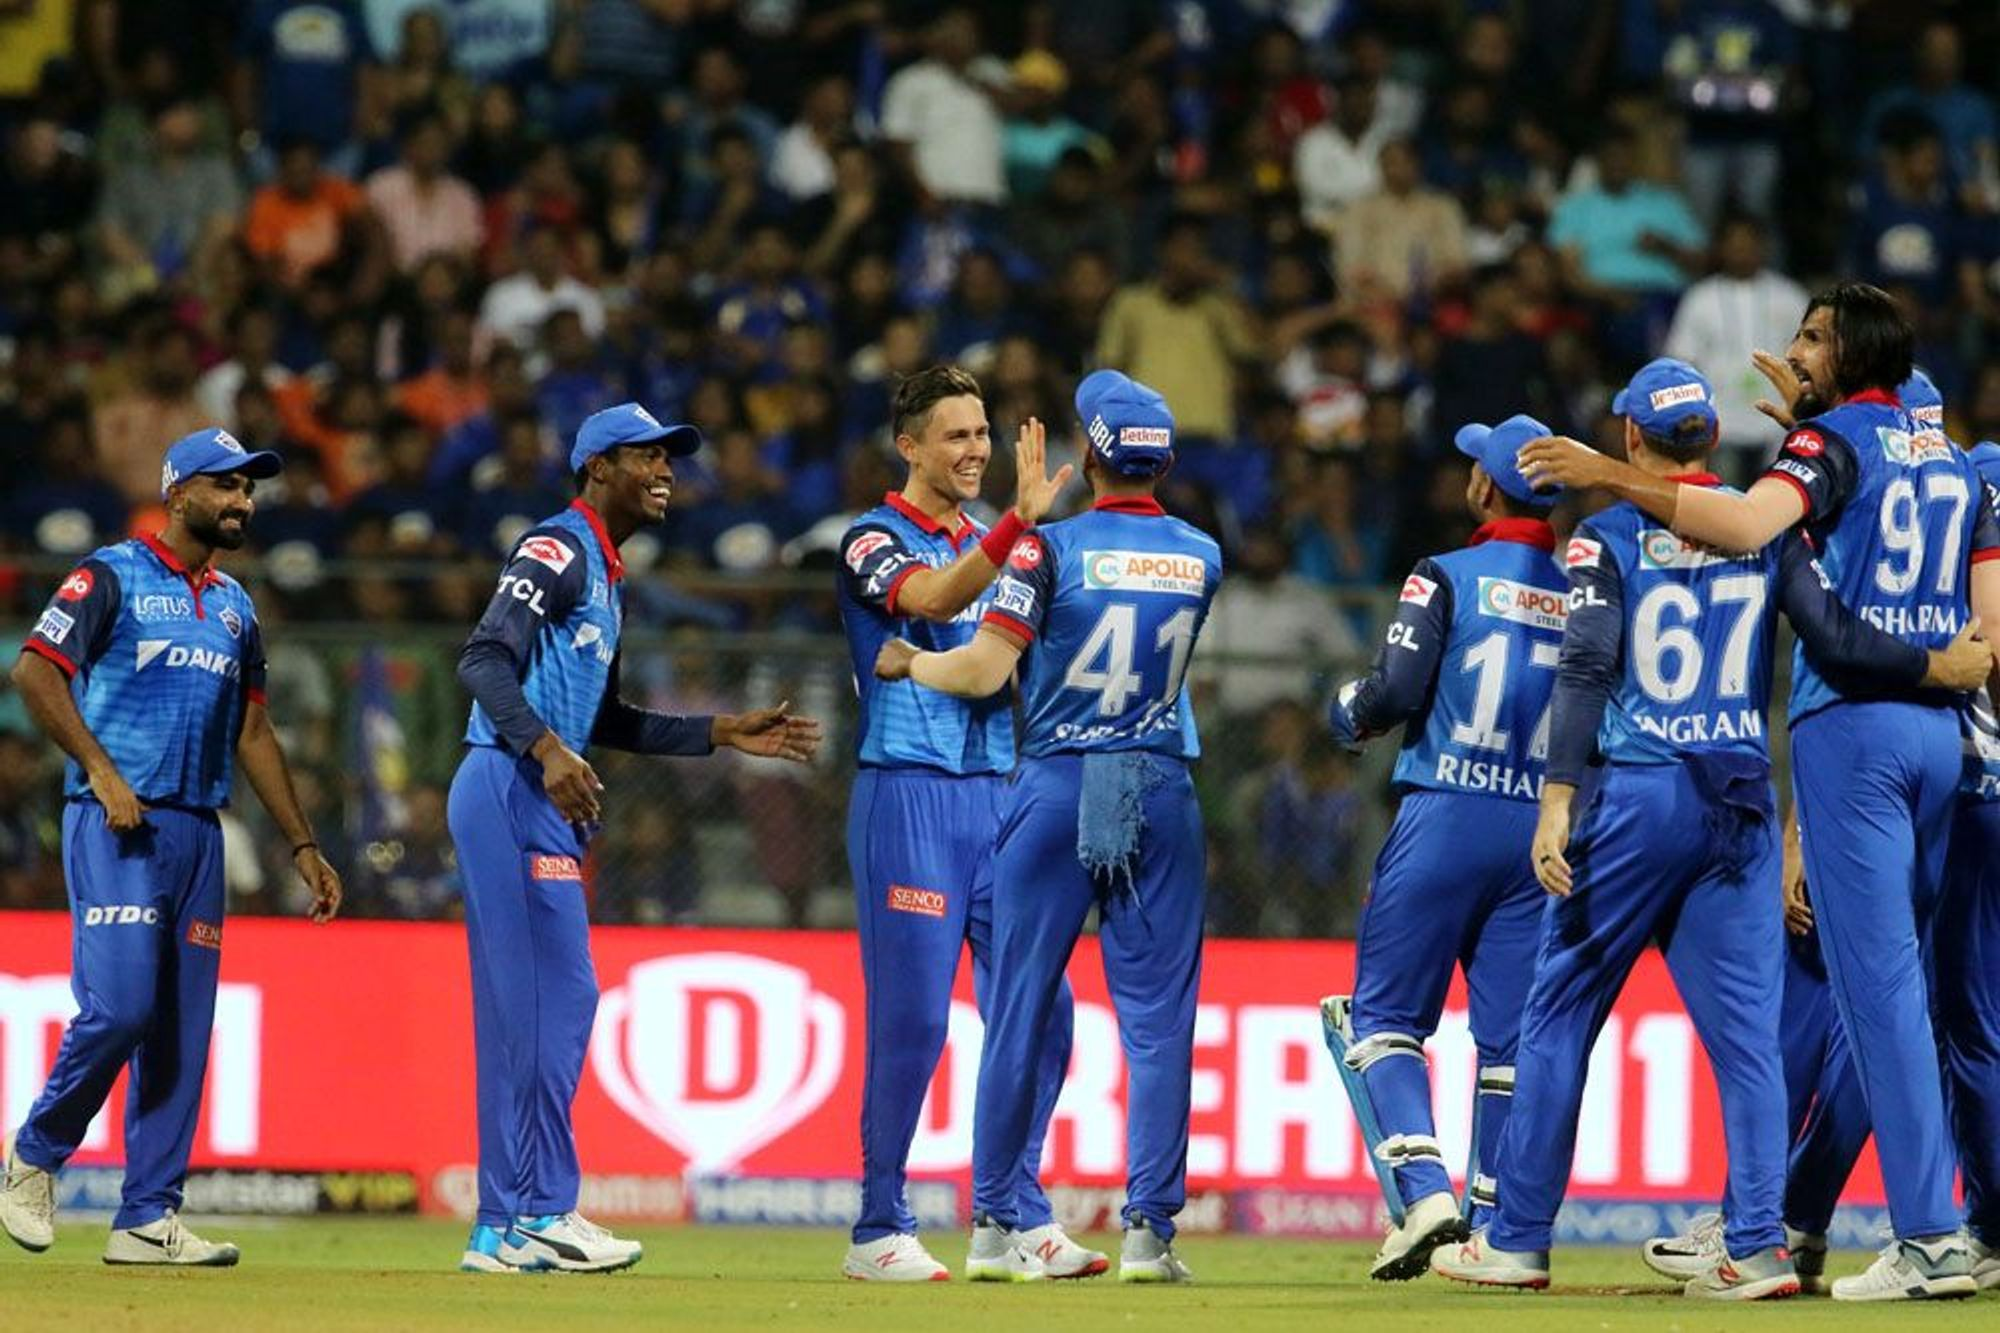 MIvsDD : रोहित शर्मा की इस गलती की वजह से मुंबई इंडियंस को दिल्ली कैपिटल्स के खिलाफ मिली 37 रन की हार 1